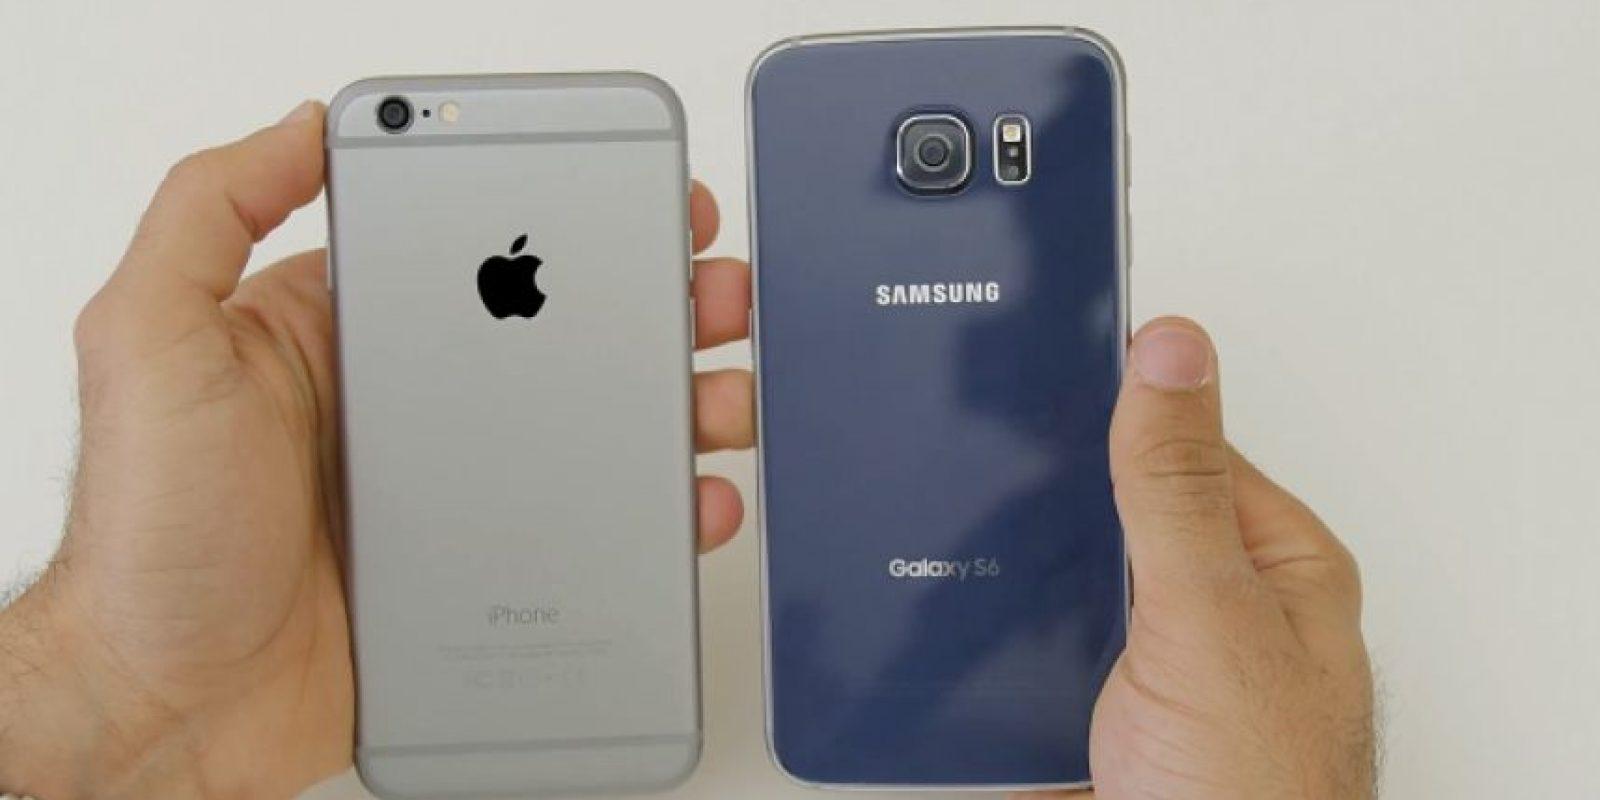 El día de hoy dos sujetos llevaron la competencia de estas dos marcas hasta los golpes. Acá les traemos los puntos más relevantes de su comparación Foto:twitter.com/PhoneDog/